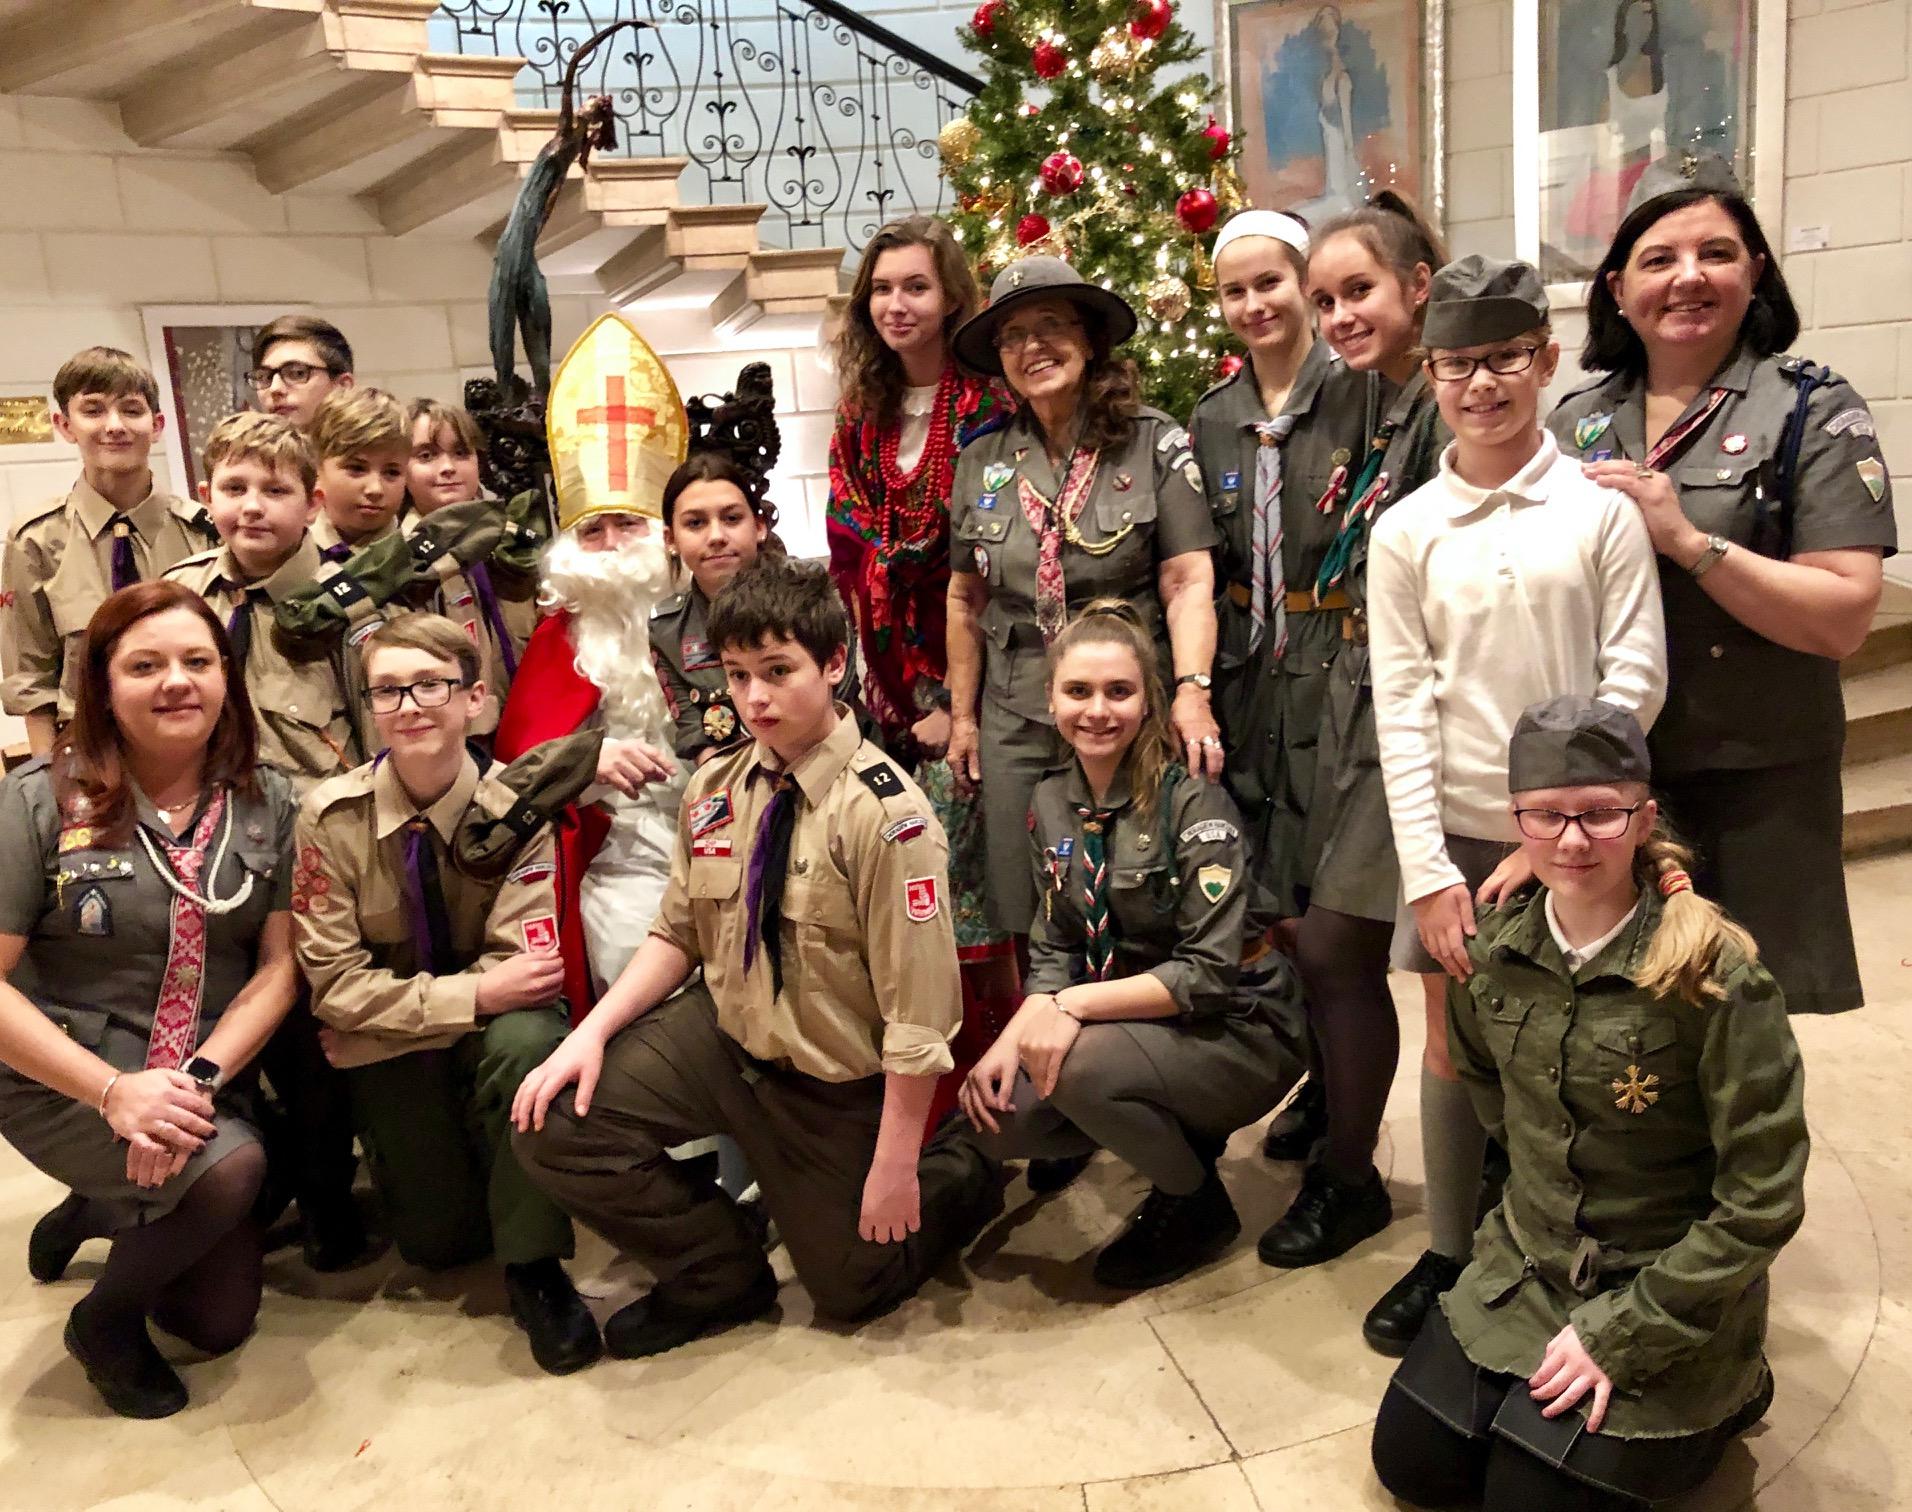 Wizyta Św. Mikołaja w Fundacji Kościuszkowskiej na Manhattanie